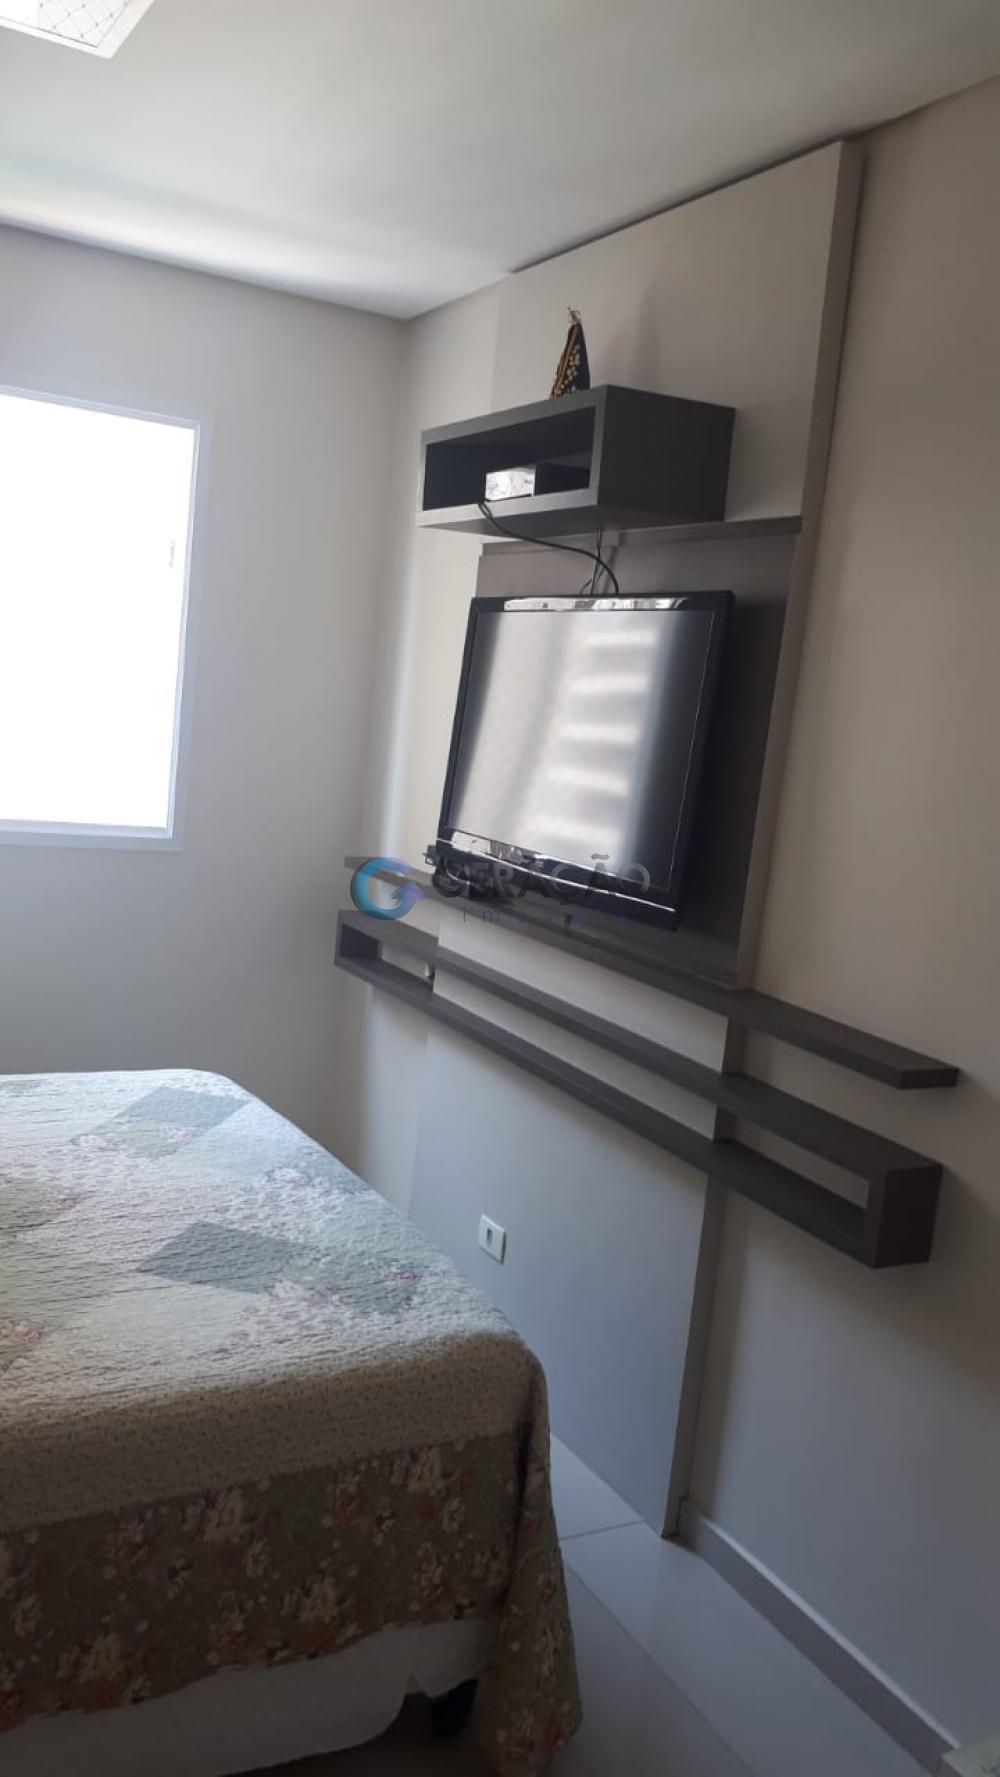 Comprar Apartamento / Padrão em São José dos Campos R$ 780.000,00 - Foto 16